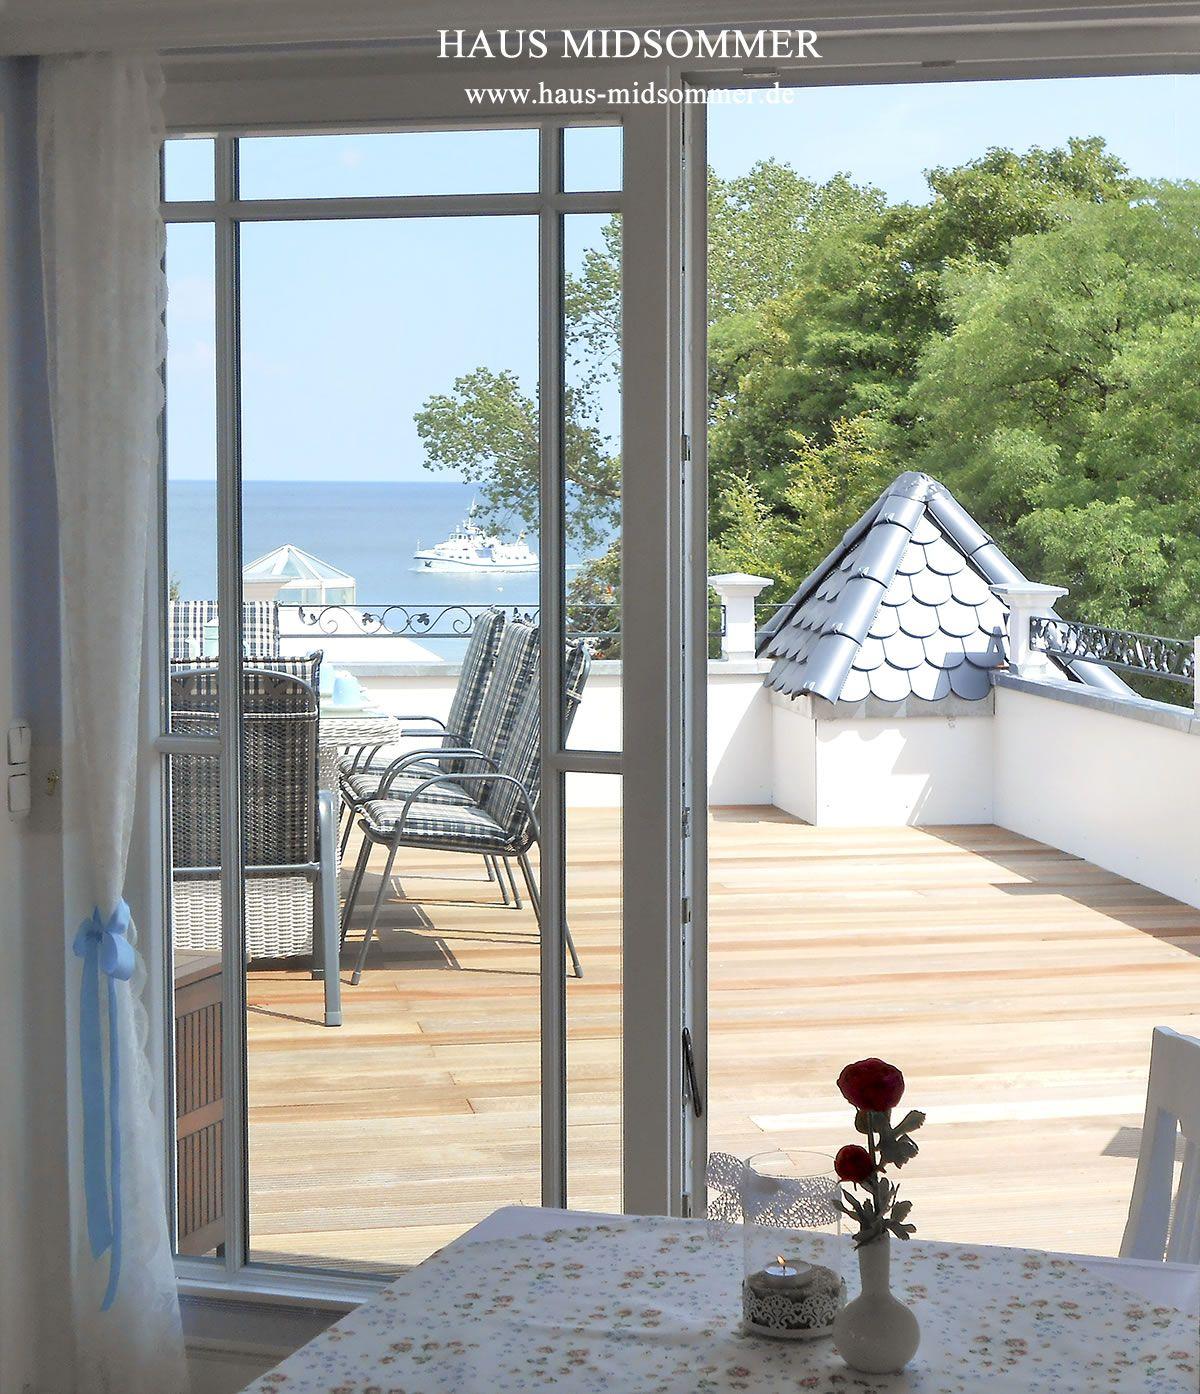 Blick aus der Ferienwohnung zur See. Ostsee urlaub